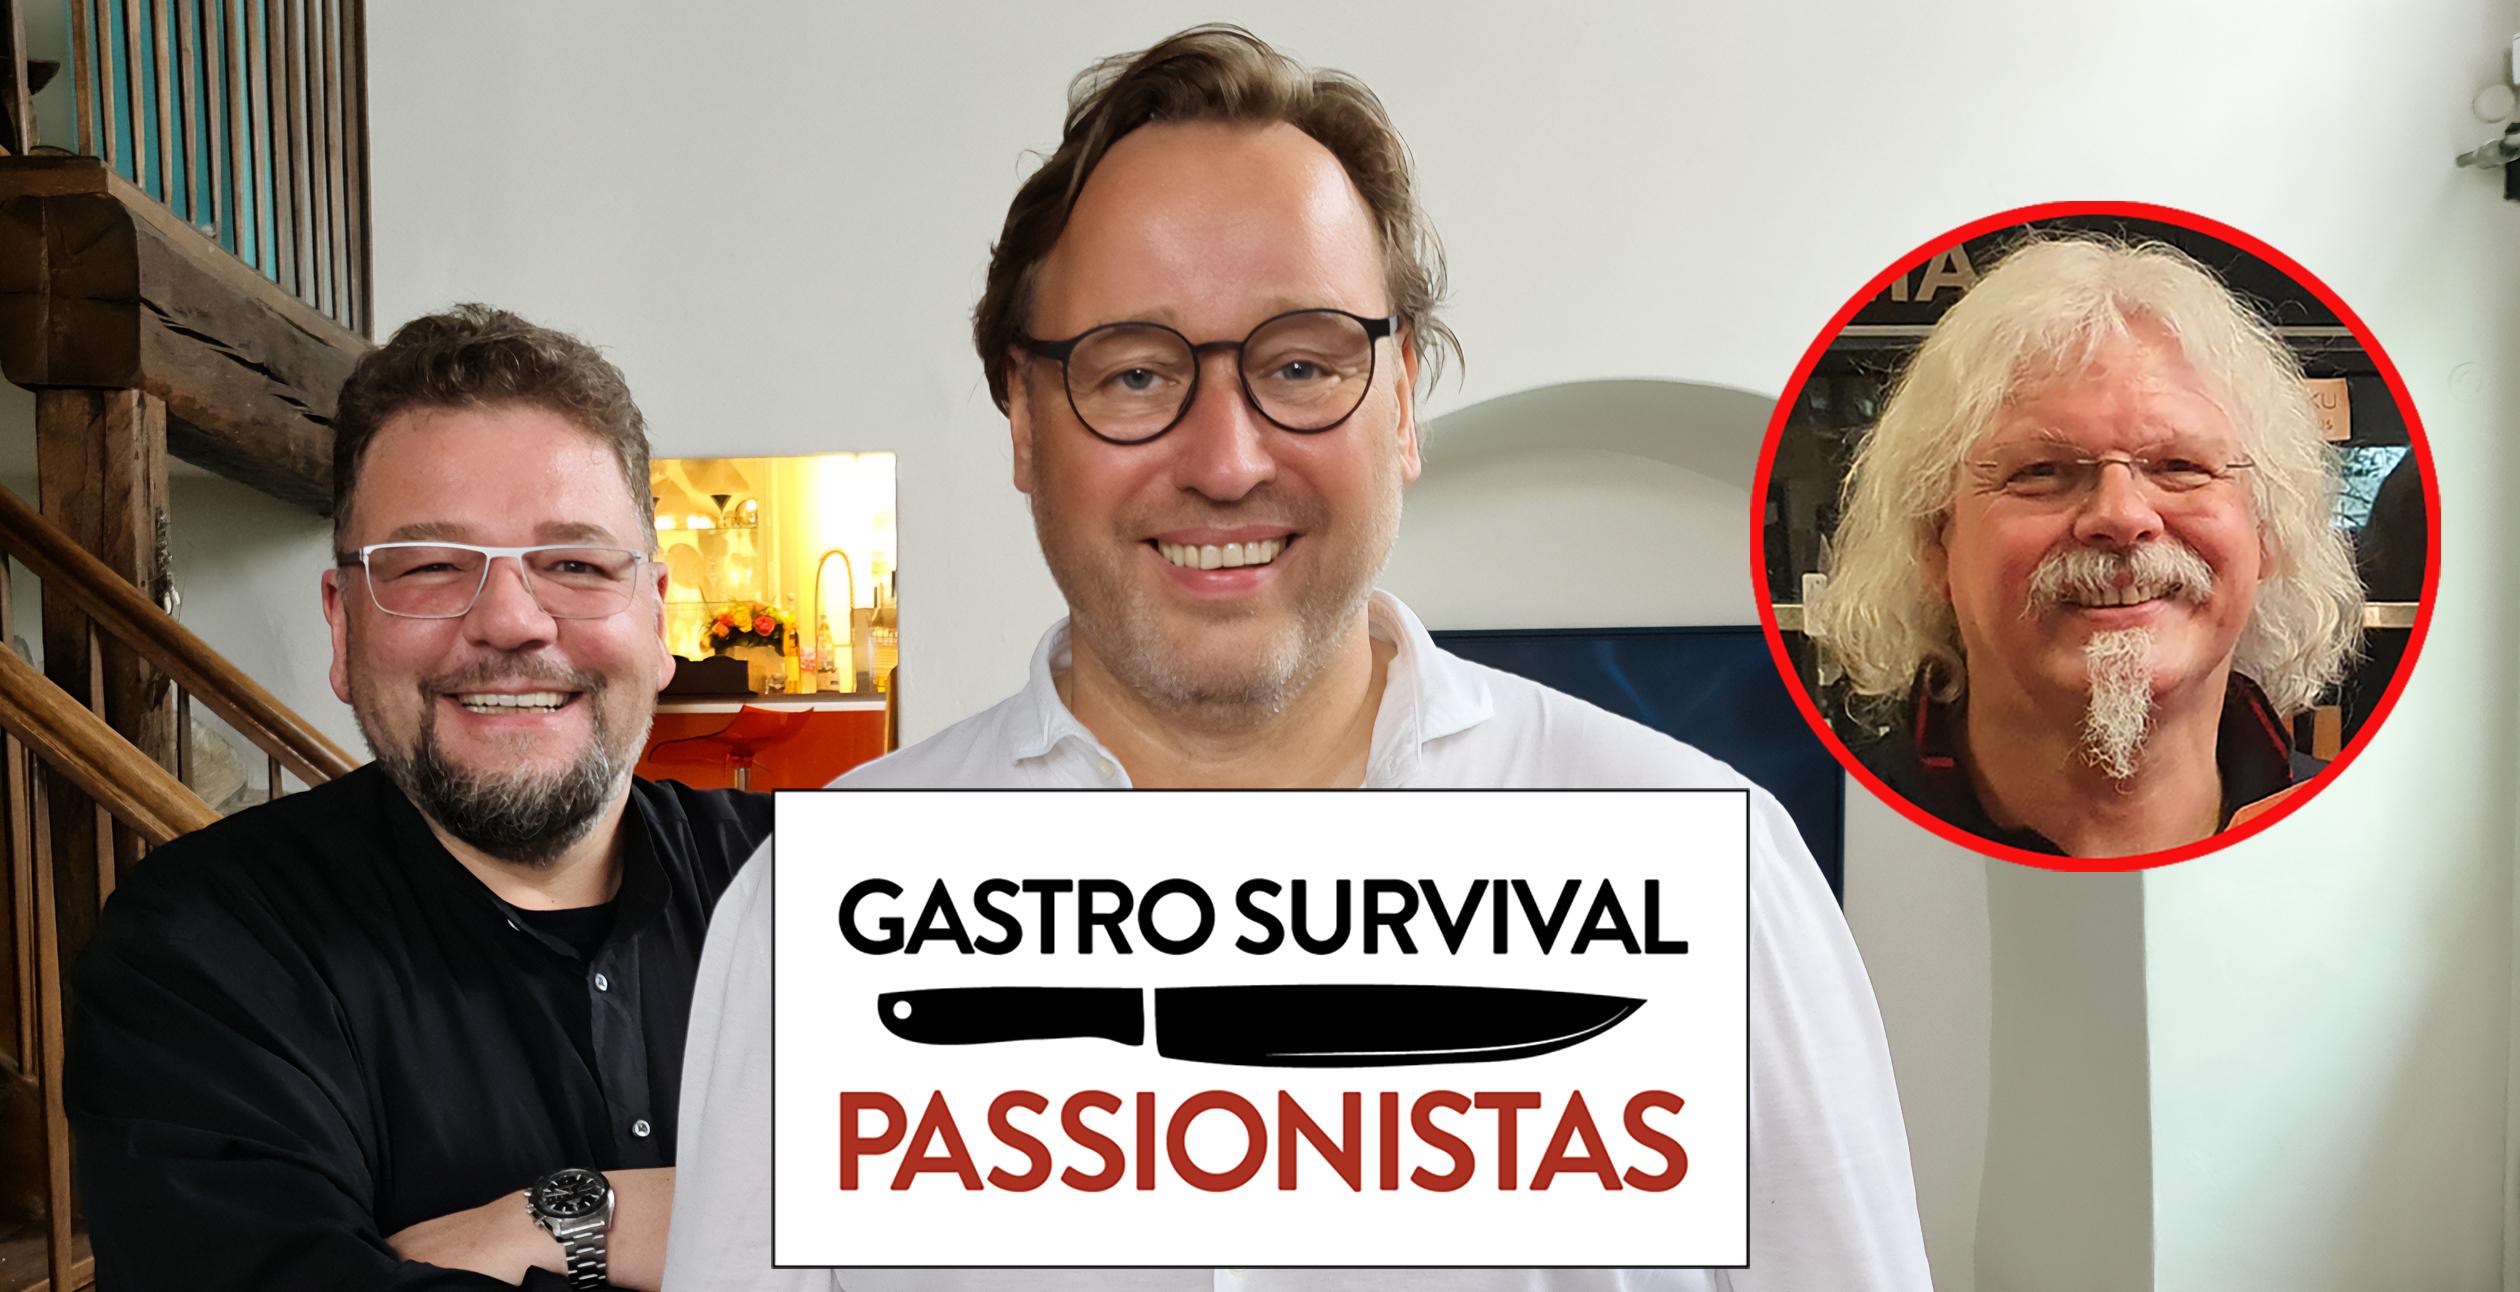 Thomas Bühner: Kochlegende + Küchengott mit Vision!